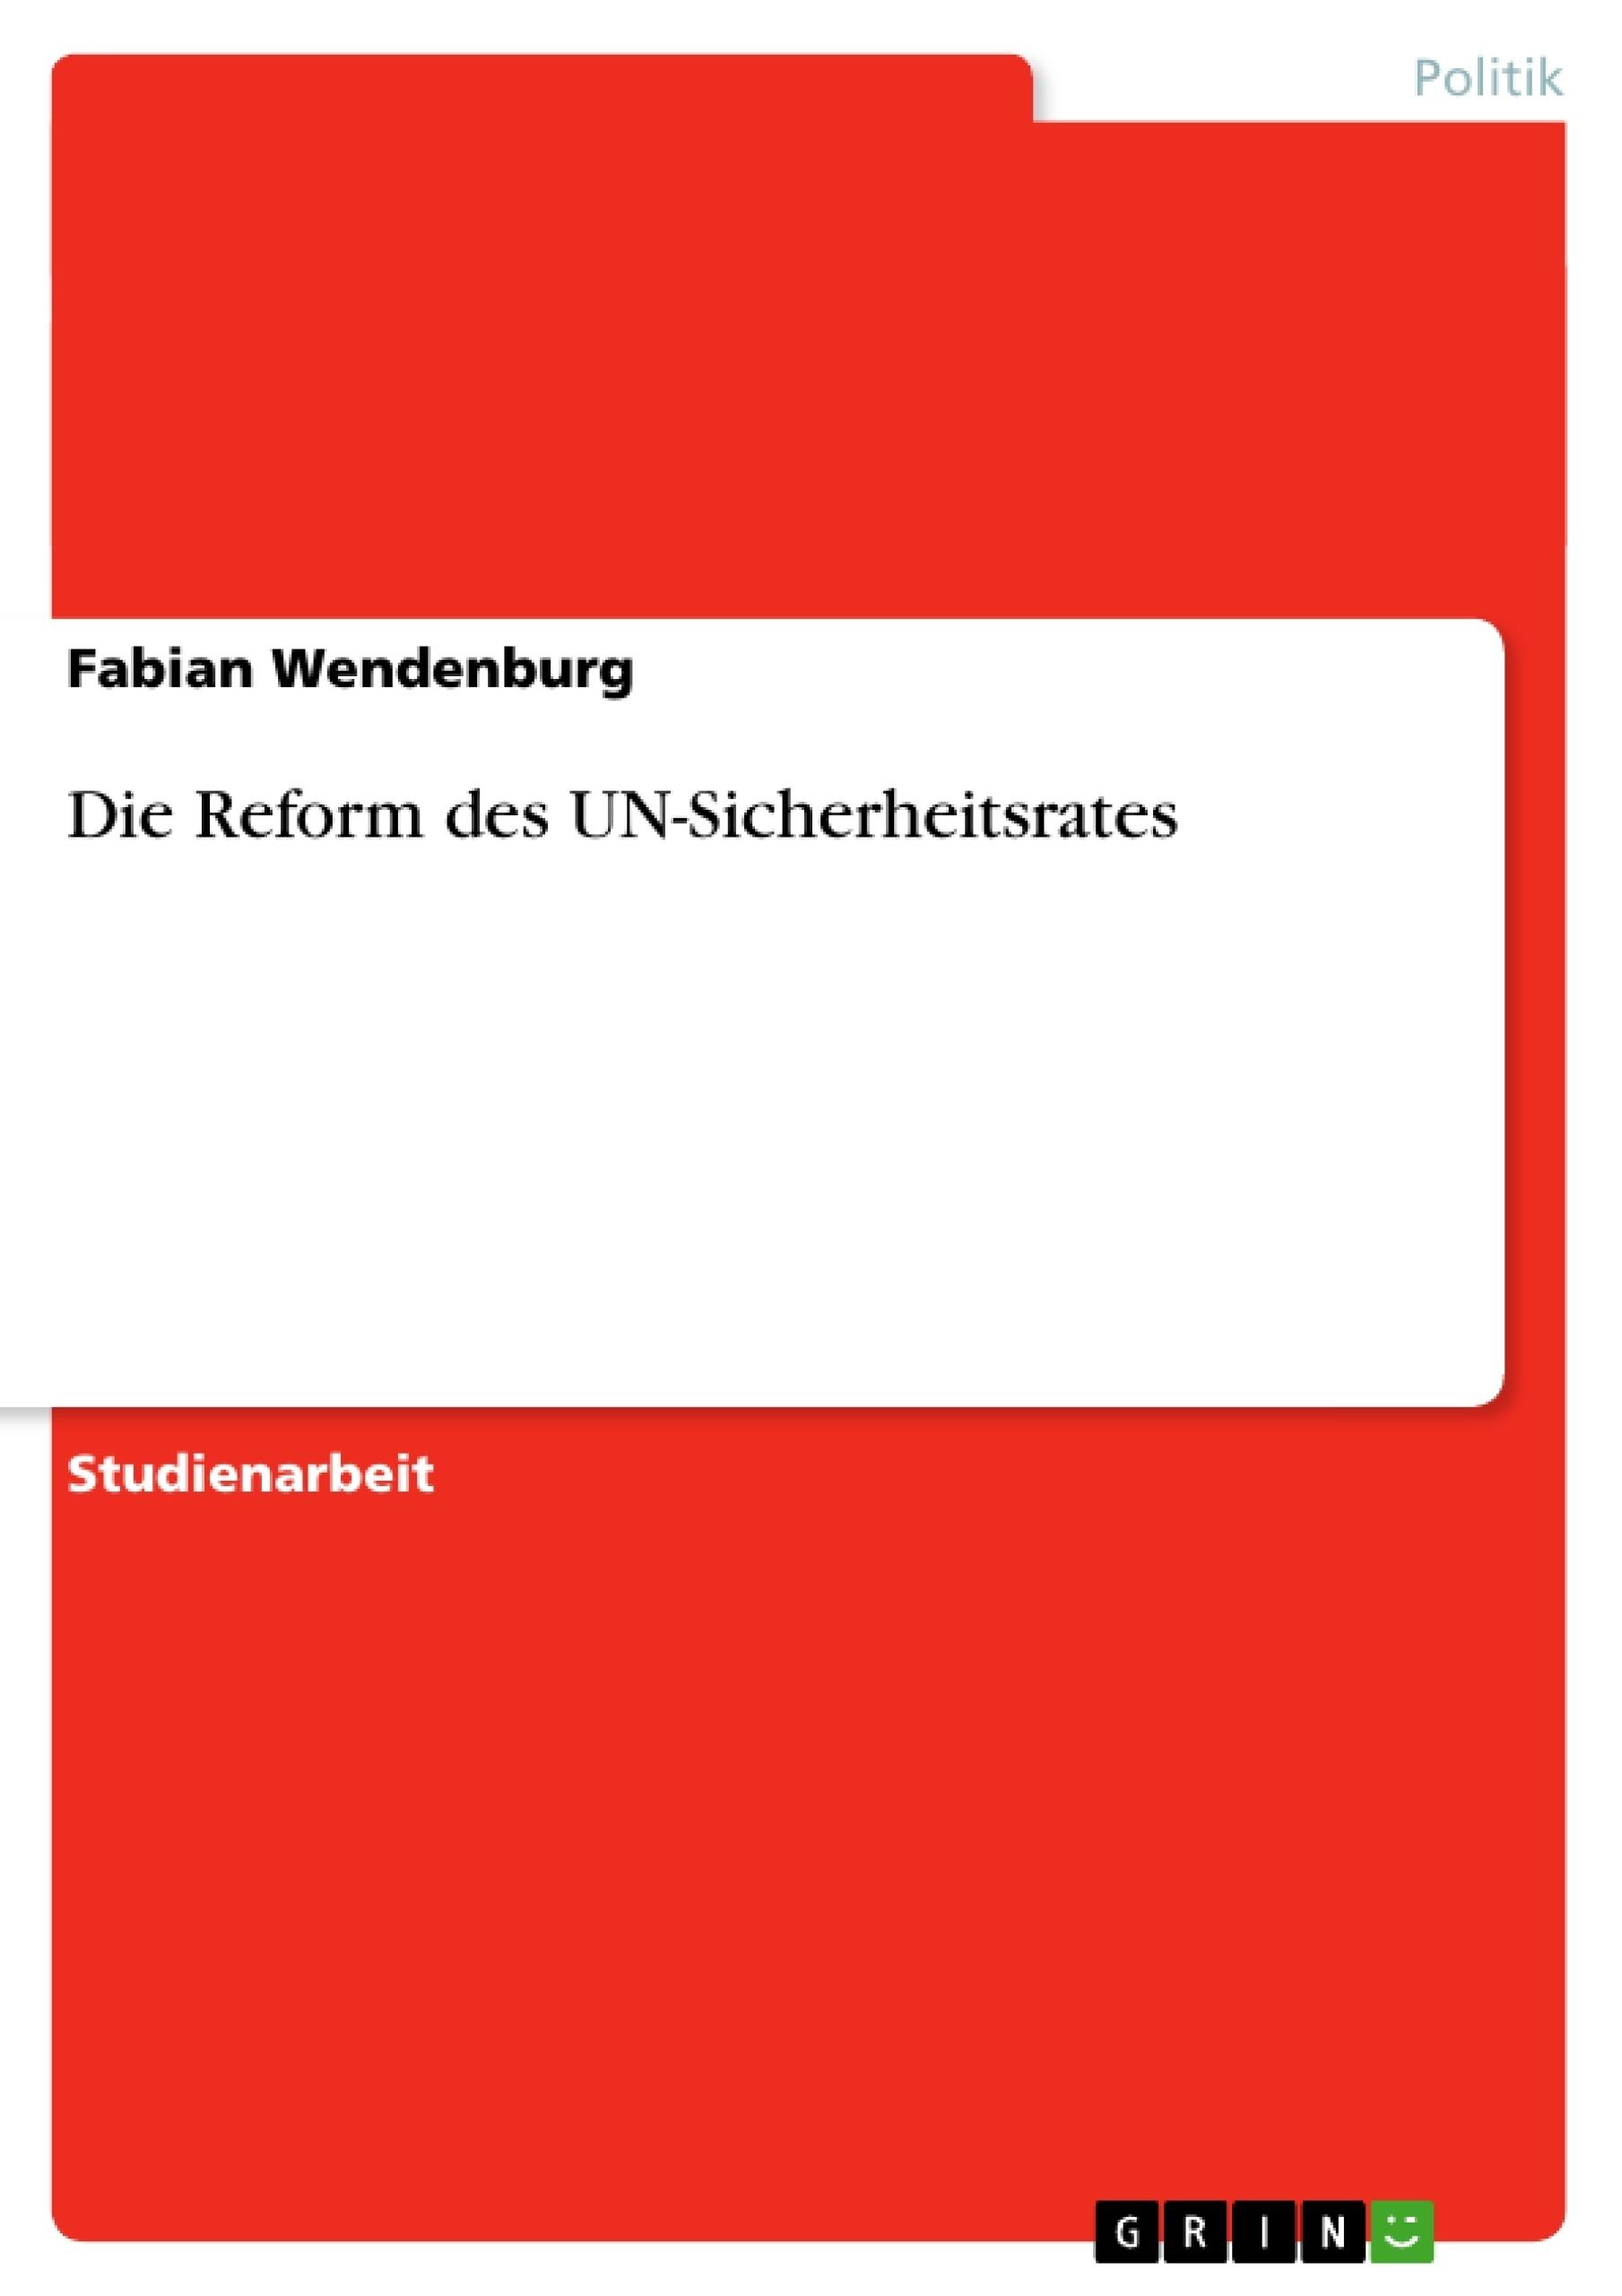 Titel: Die Reform des UN-Sicherheitsrates